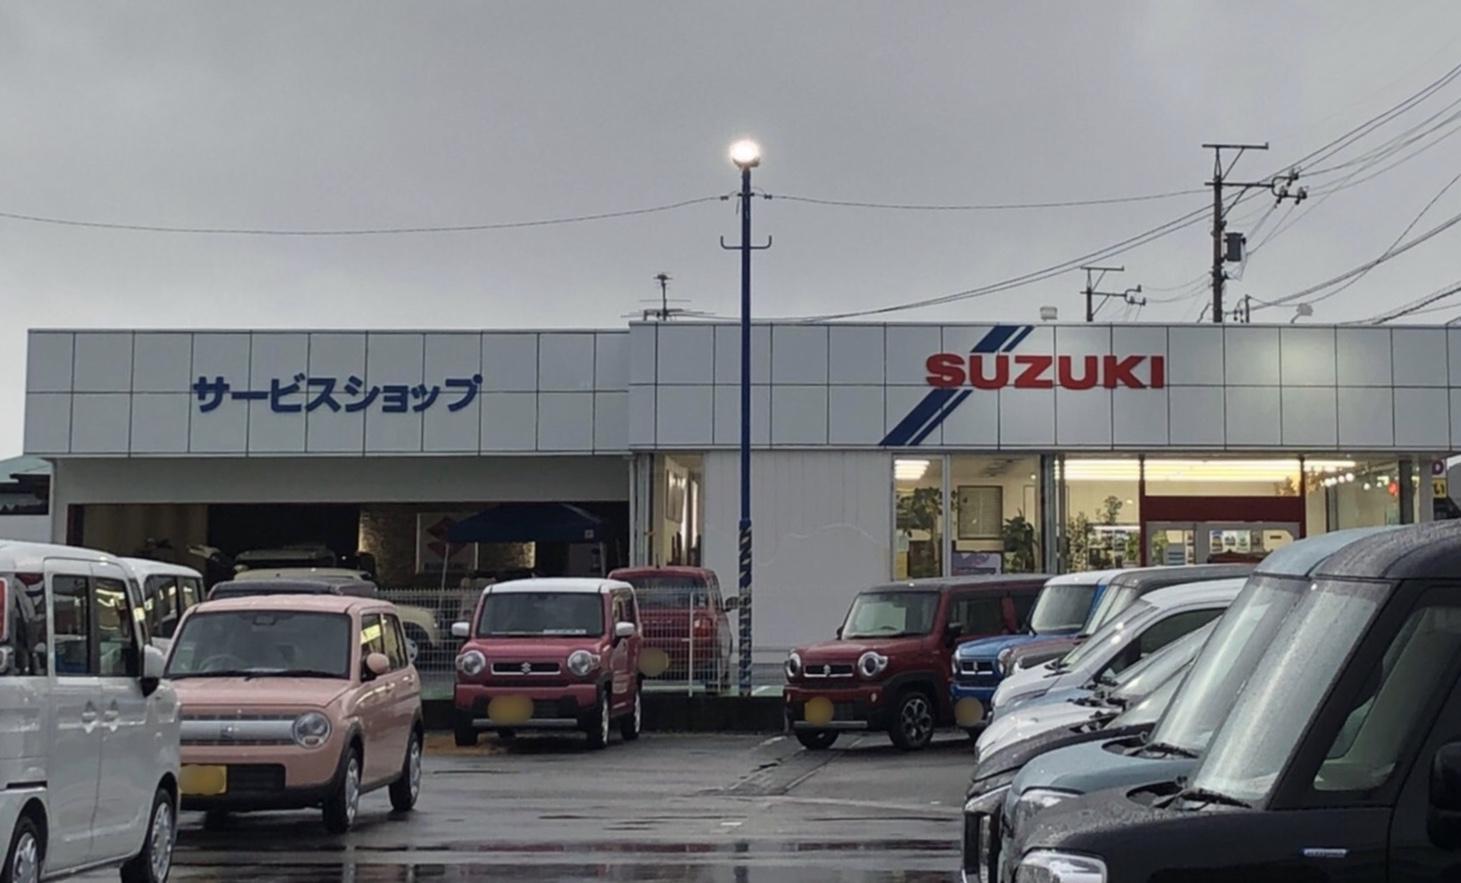 牧之原市☆SUZUKIモータース